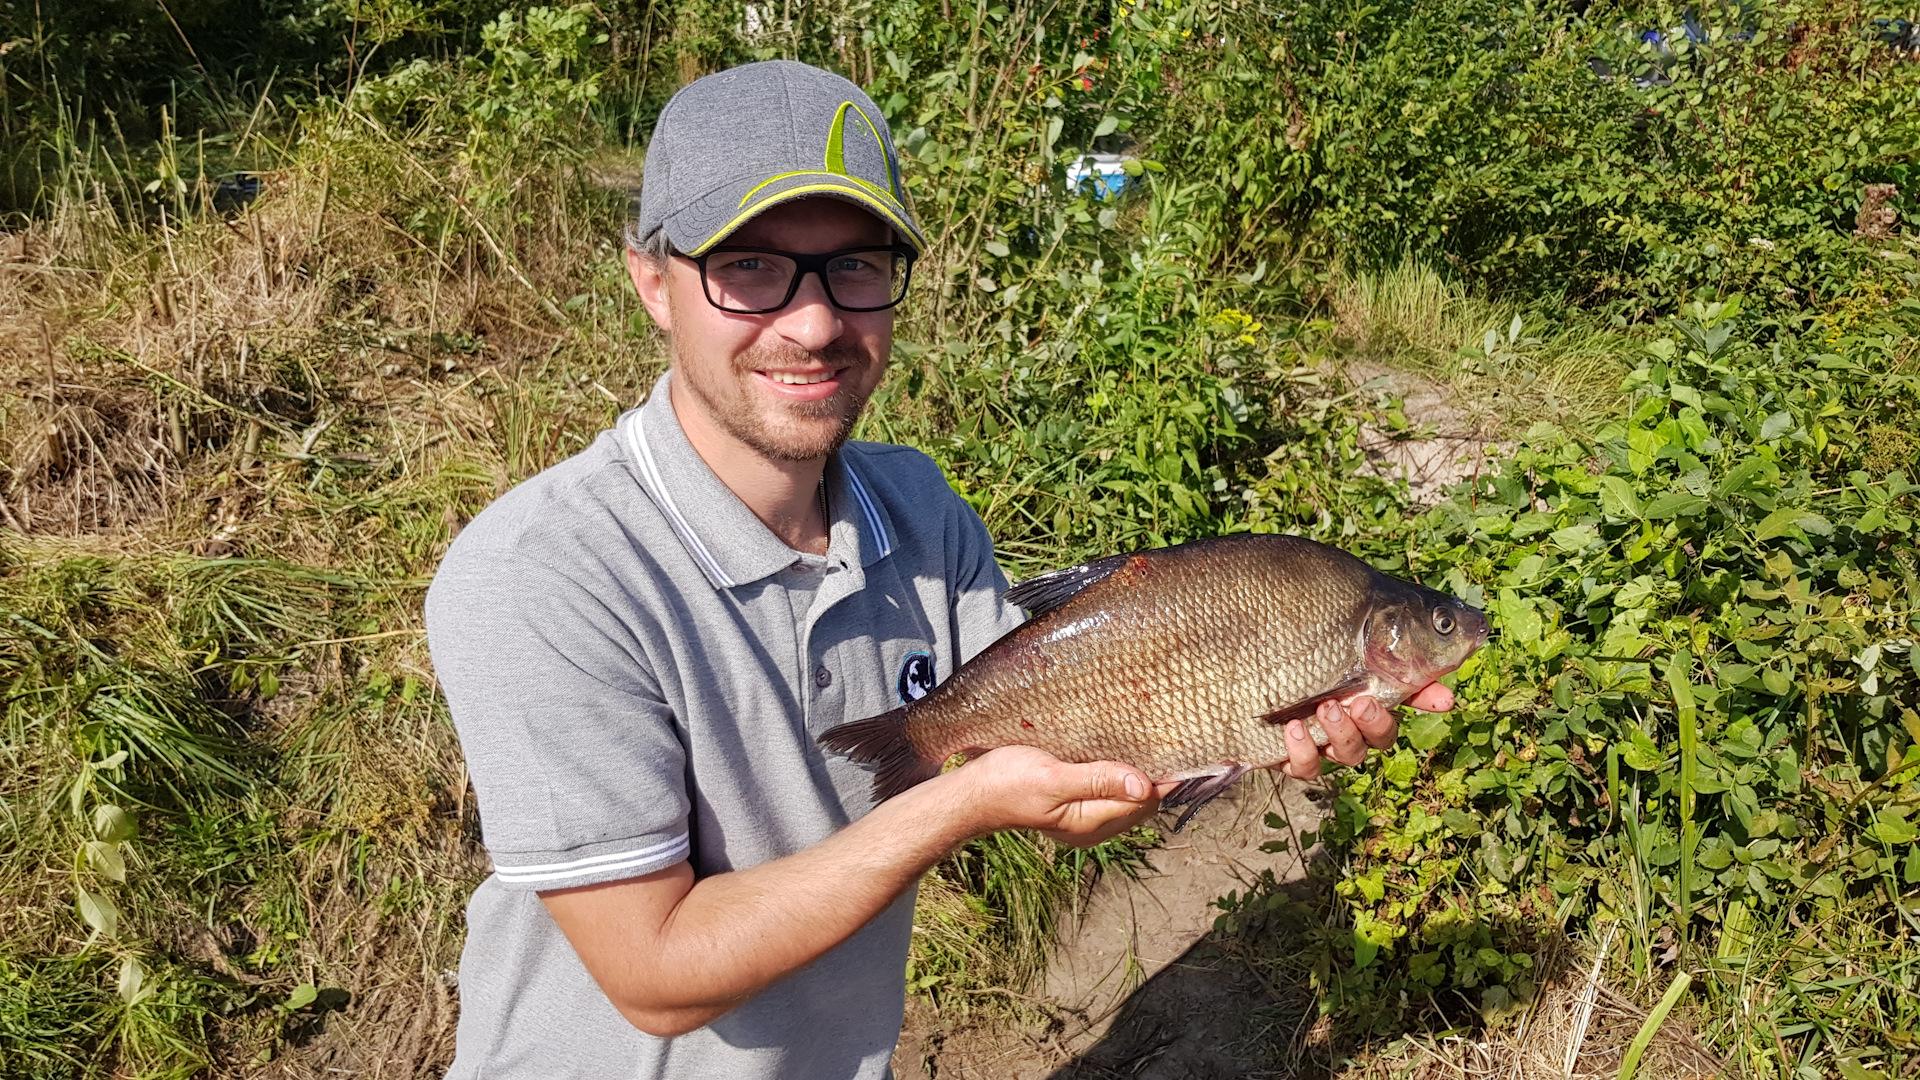 Парень в очка с пойманной рыбай в руках